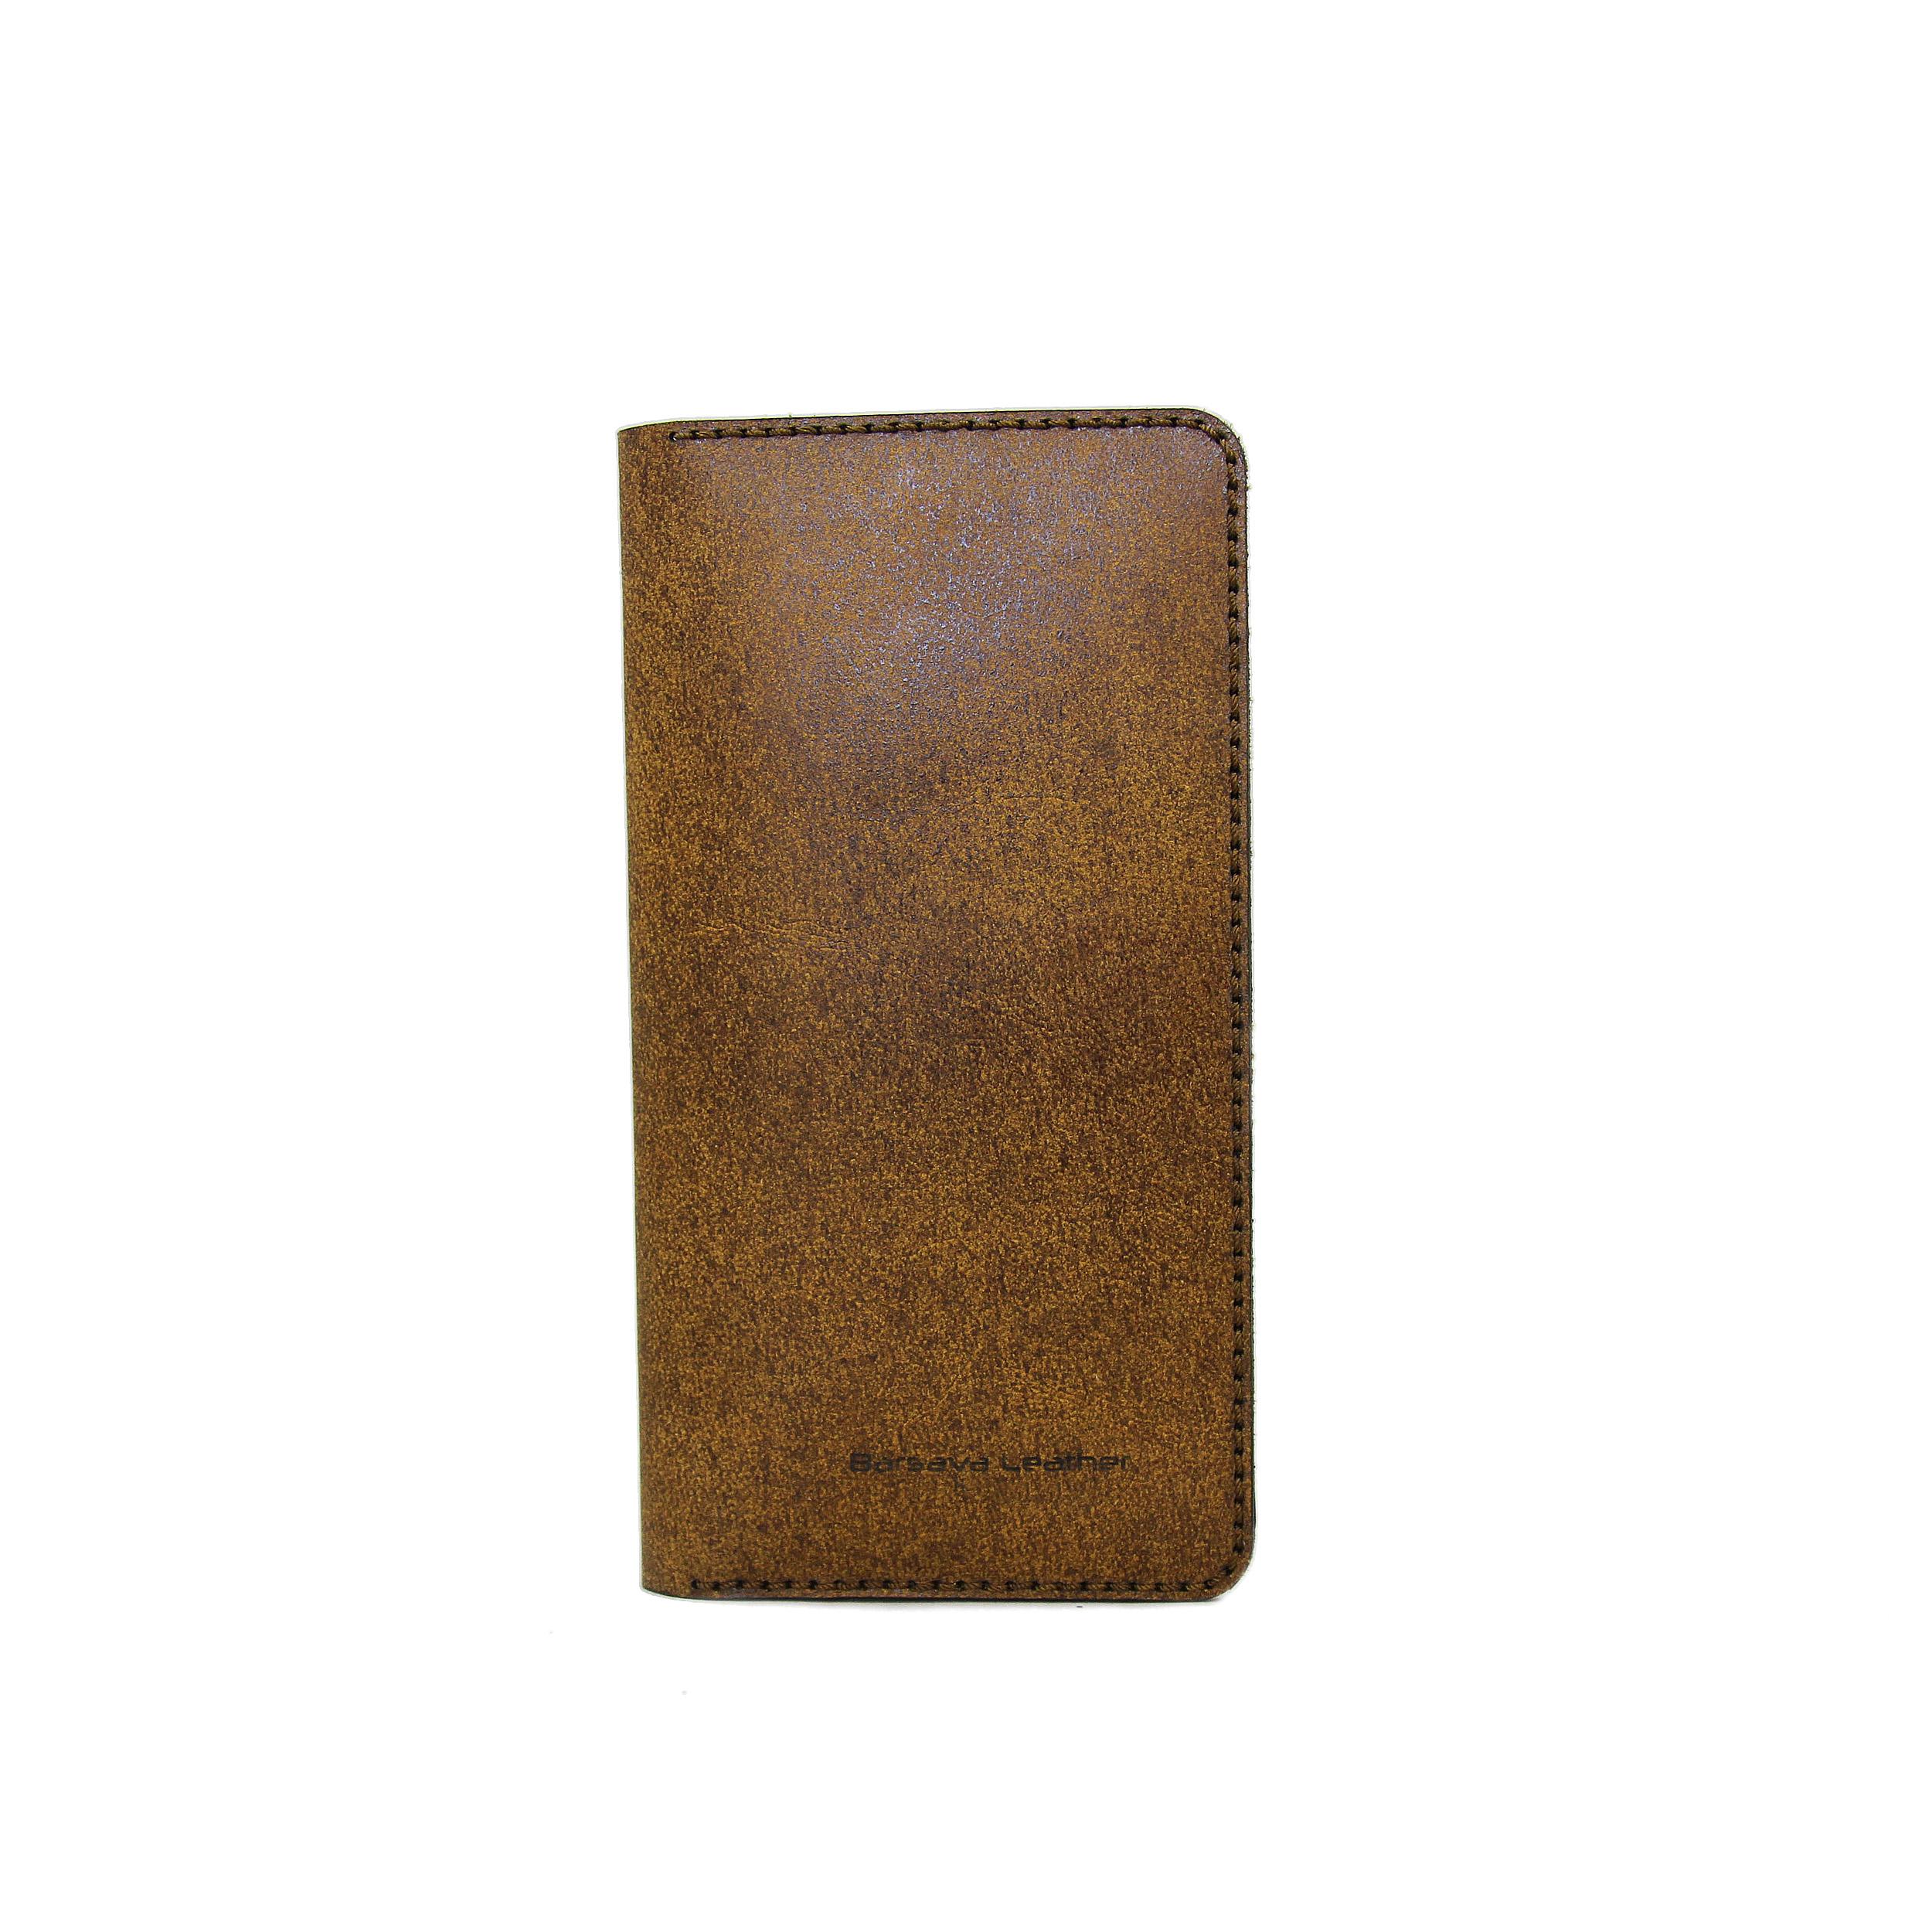 کیف پول مردانه چرم بارثاوا کد 1501